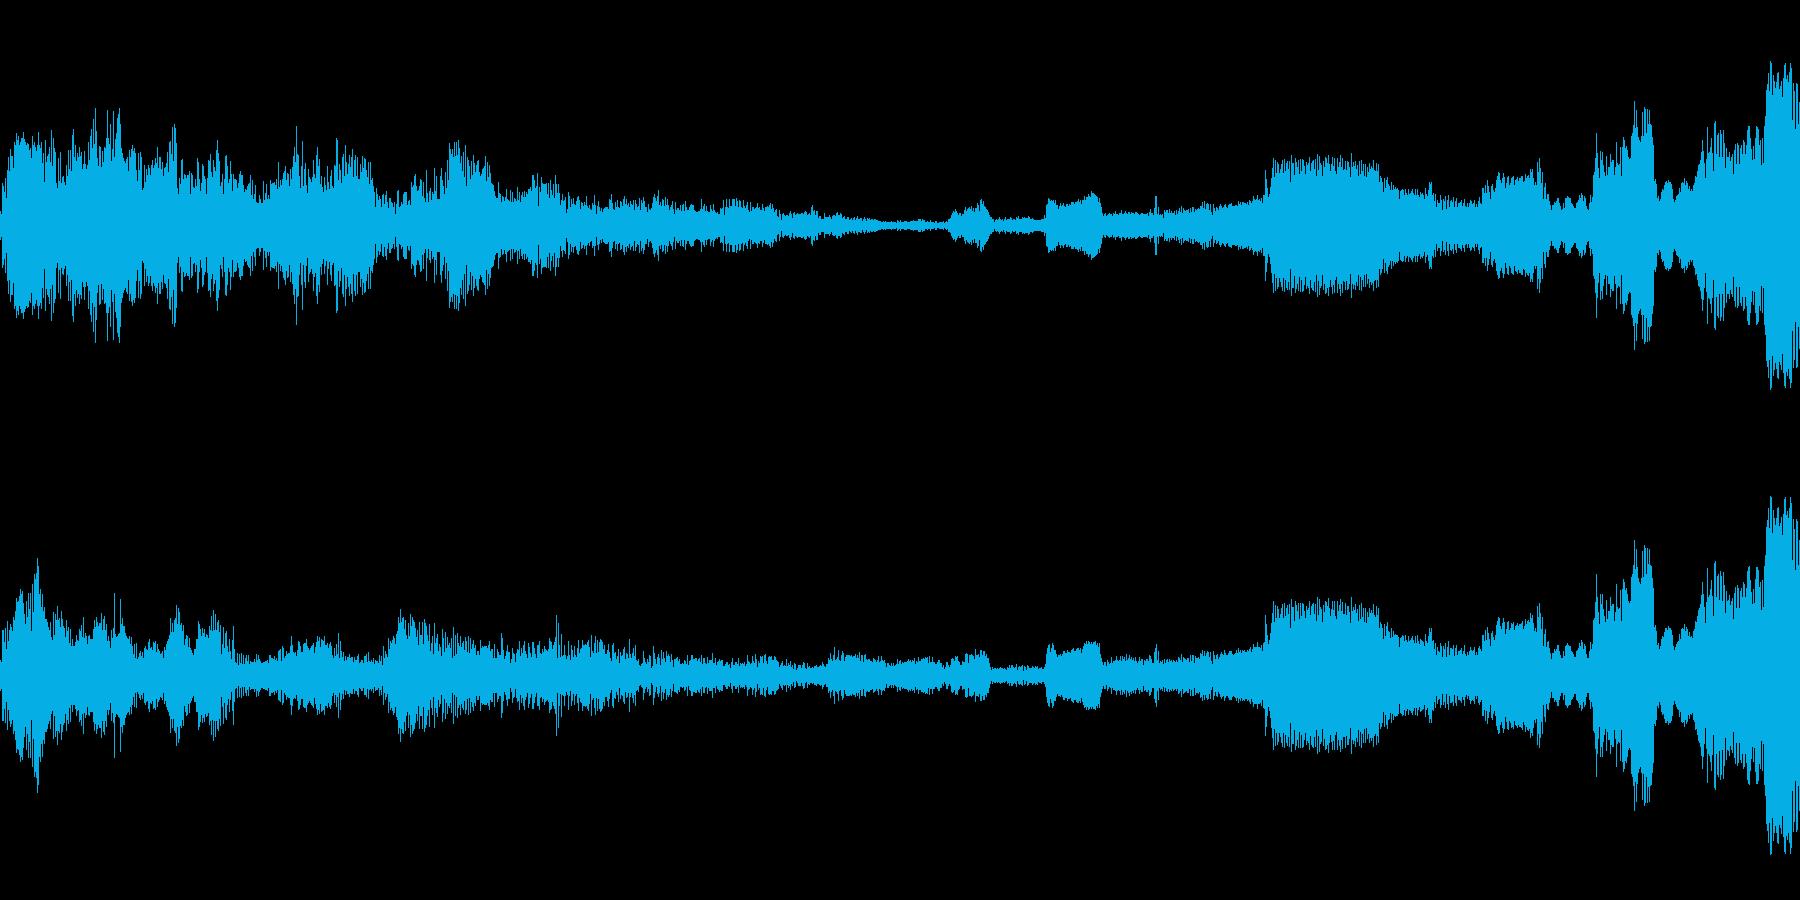 奇妙なランダムアルペジオの再生済みの波形